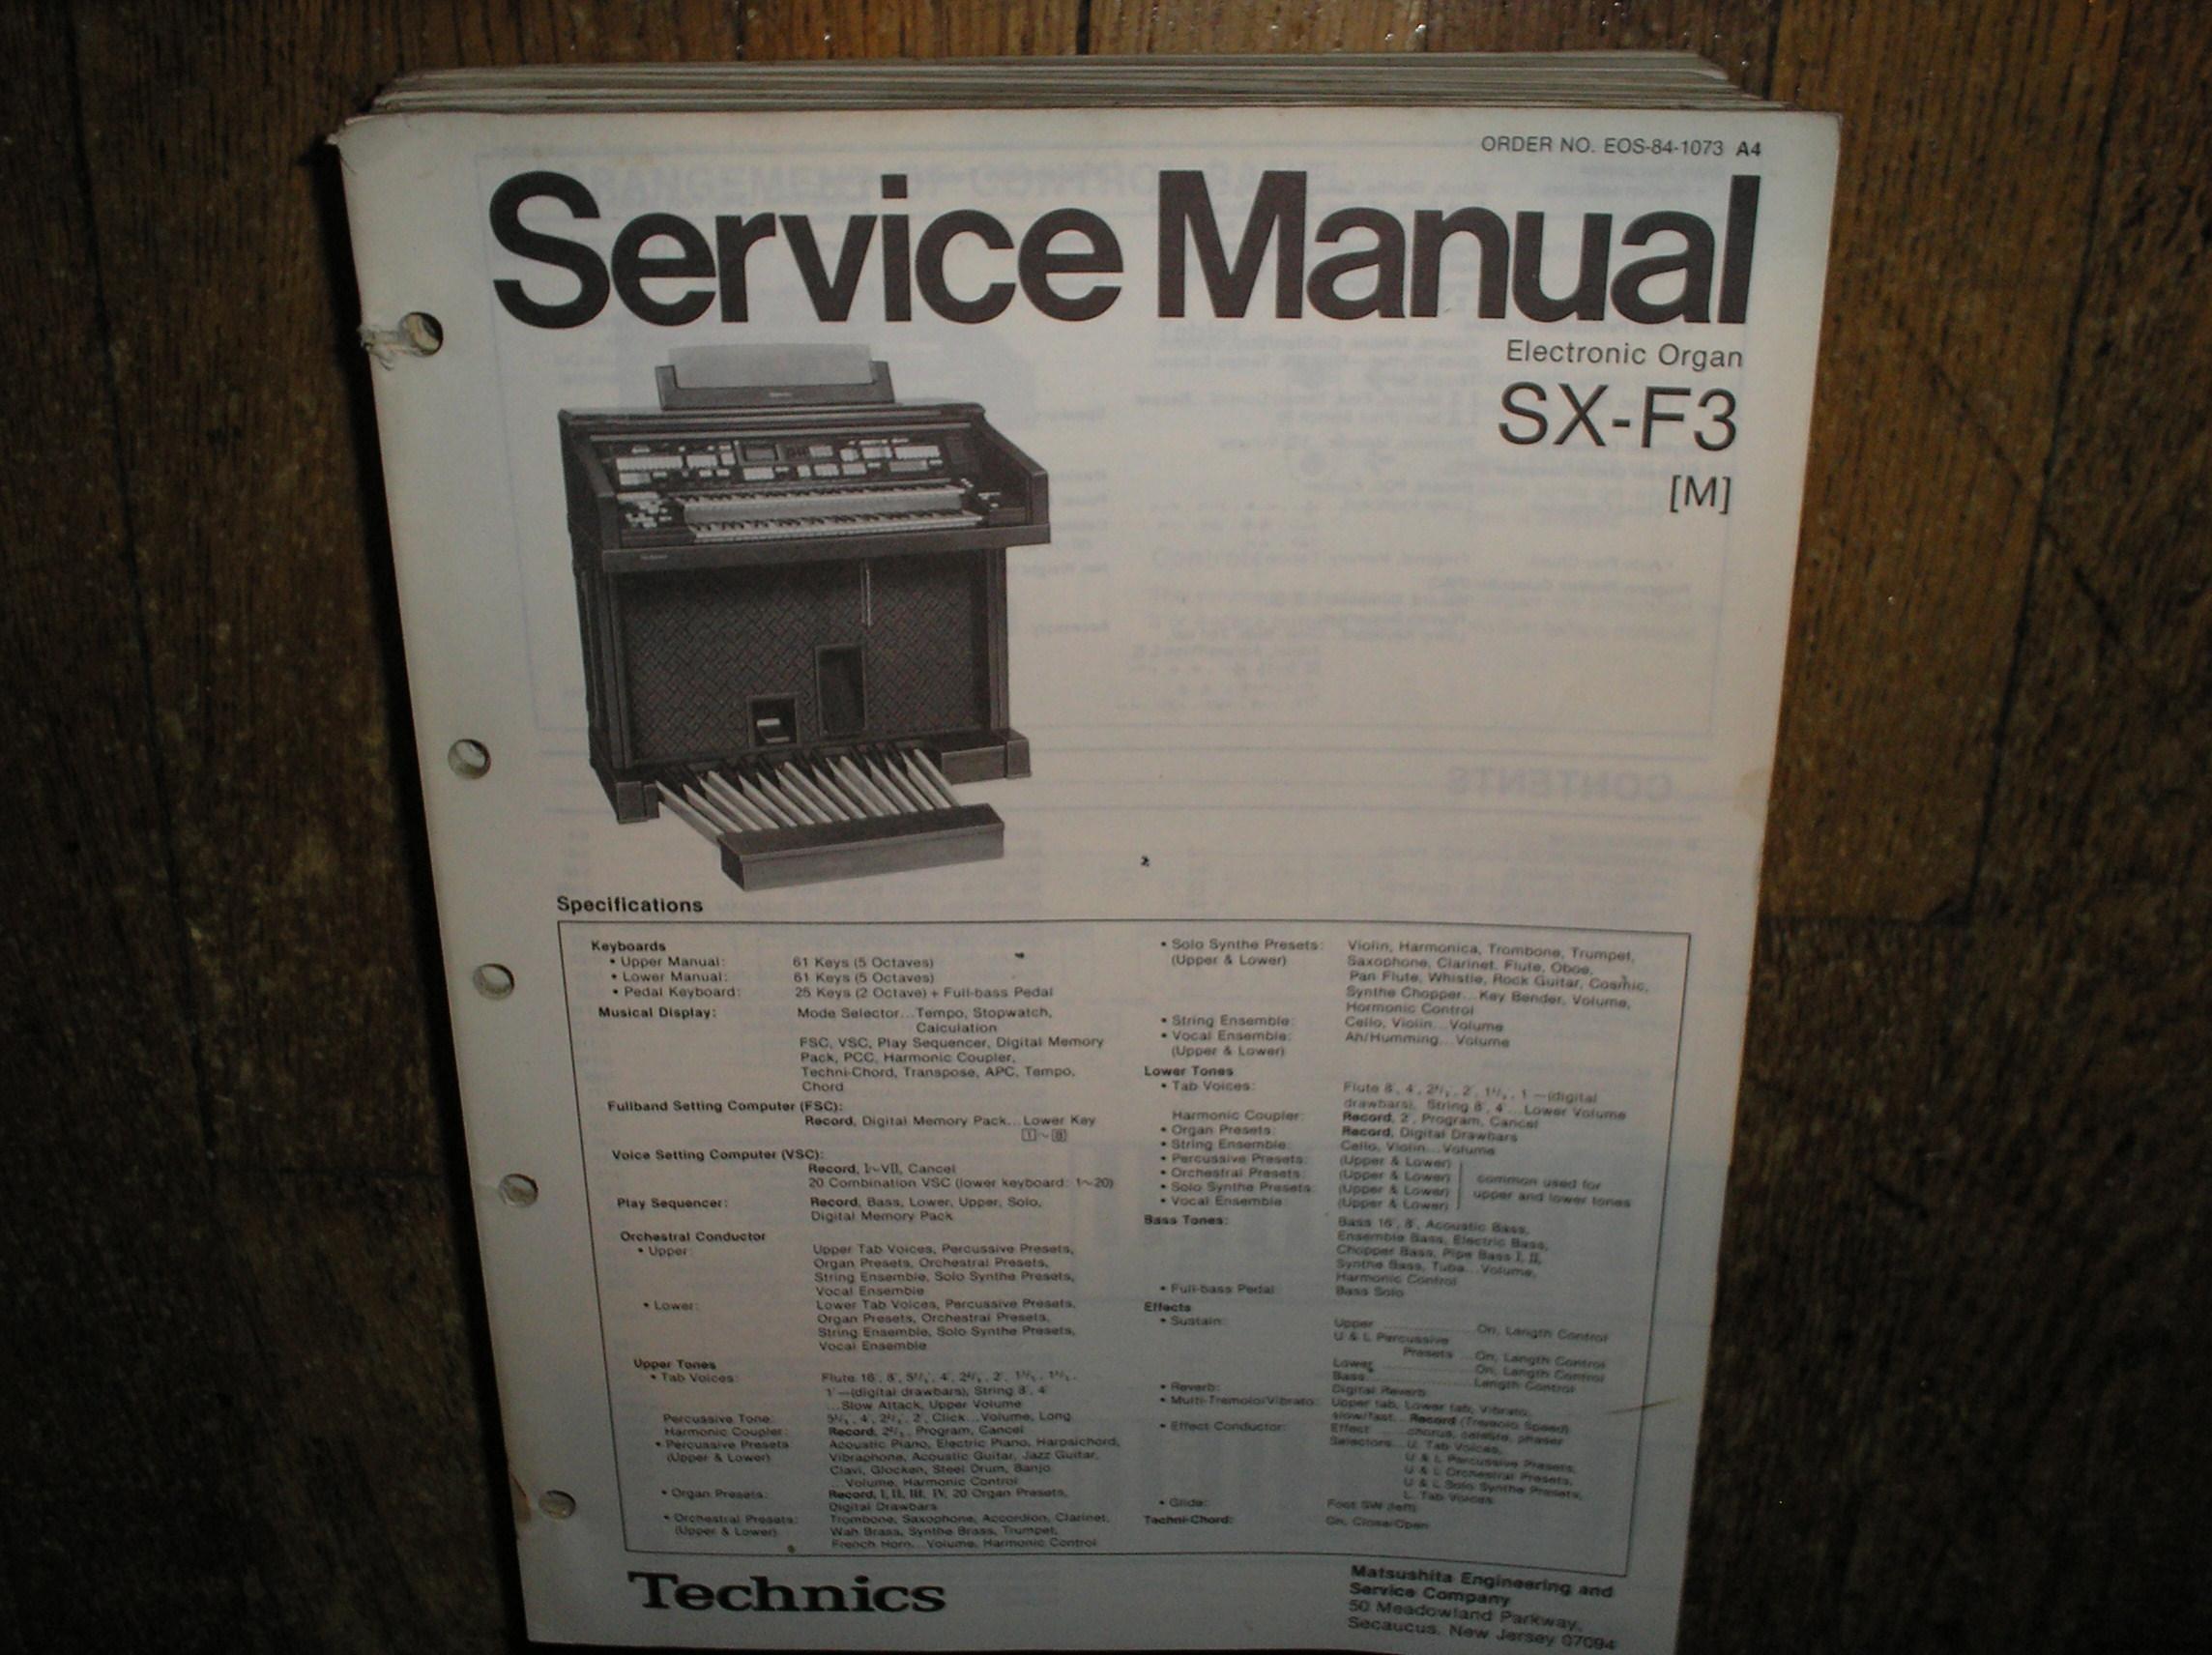 SX-F3 SX-F3M Electric Organ Service Manual